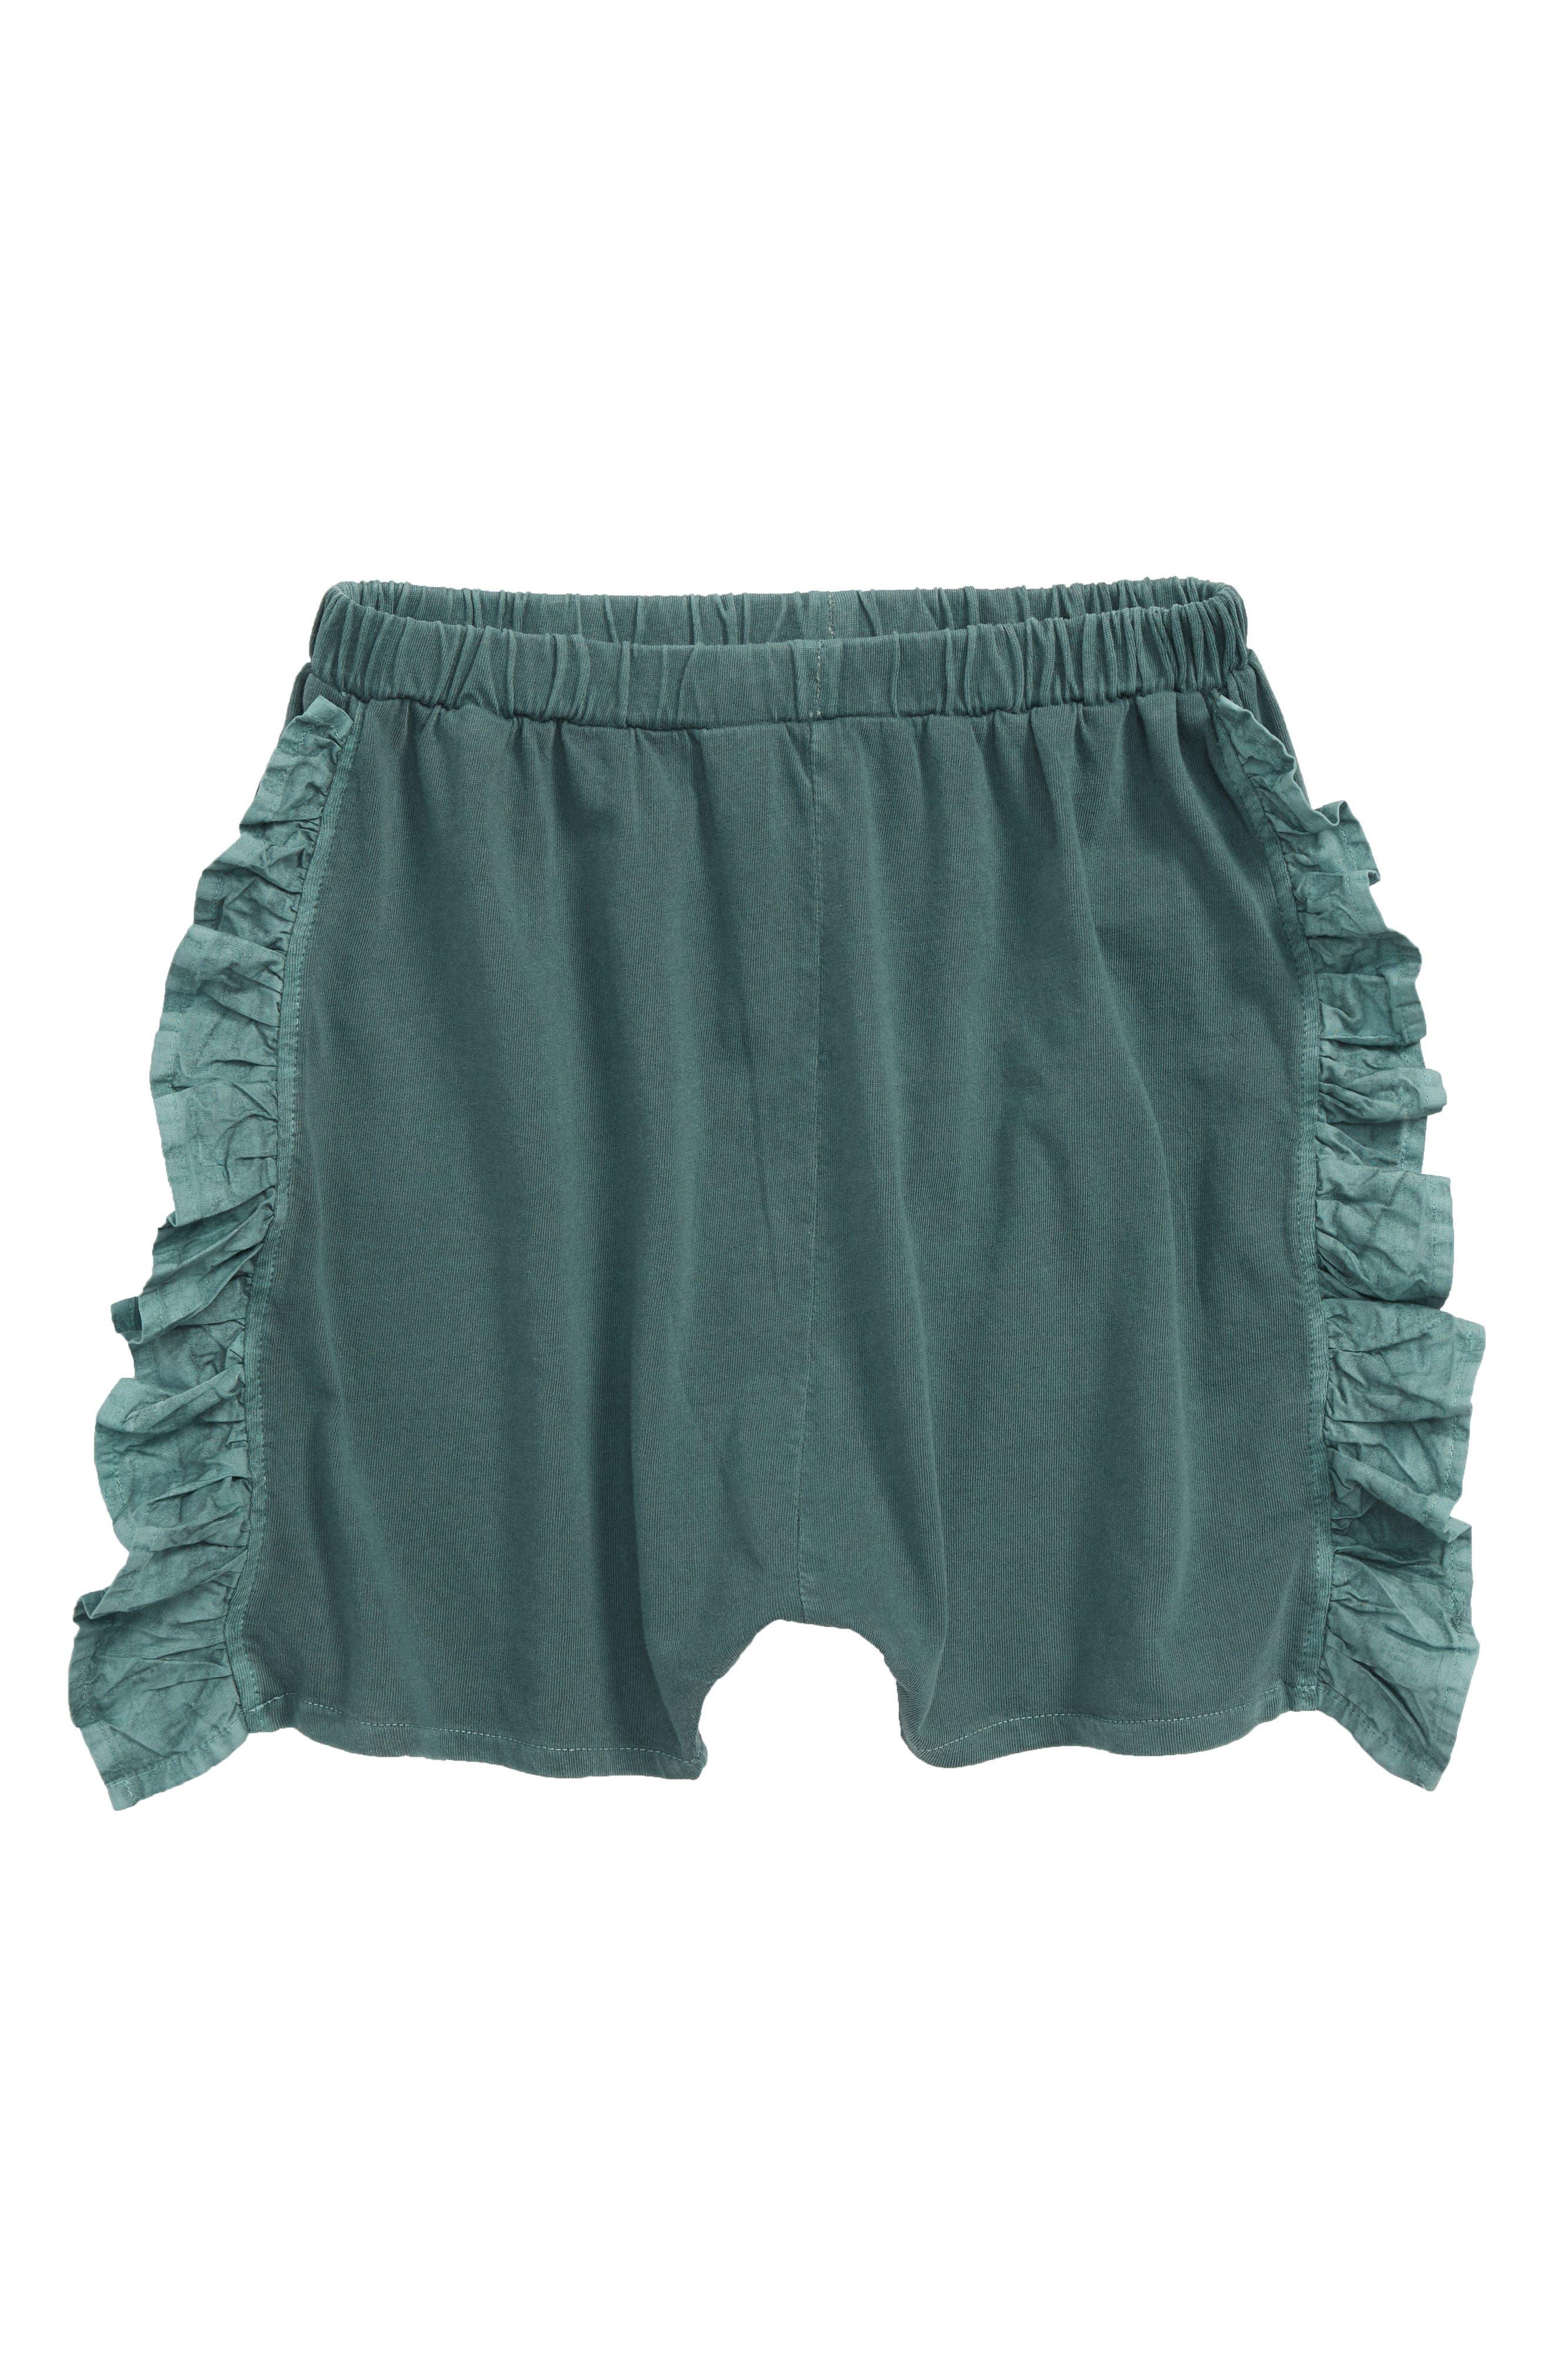 Ruffle Knit Short,                             Main thumbnail 1, color,                             301